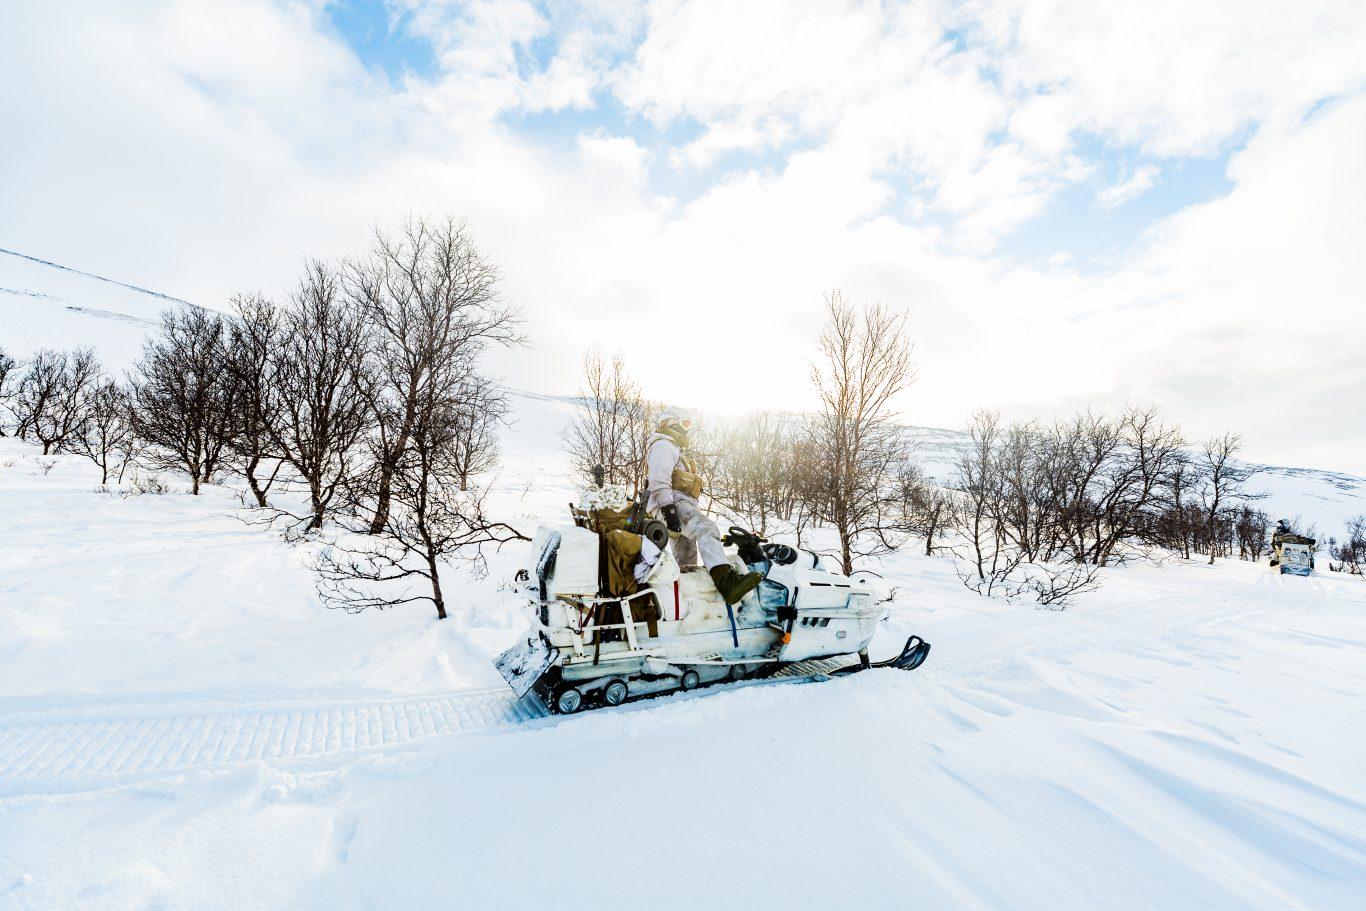 Soldater ved Kavalerieskadronen trener ved Garnisonen i Porsangermoen. Kavalerieskadronen er en kompanisstridsgruppe som er en del av Hærens styrking i Finnmark og en del av Finnmark landforsvar. Foto: Frederik Ringnes / Forsvaret